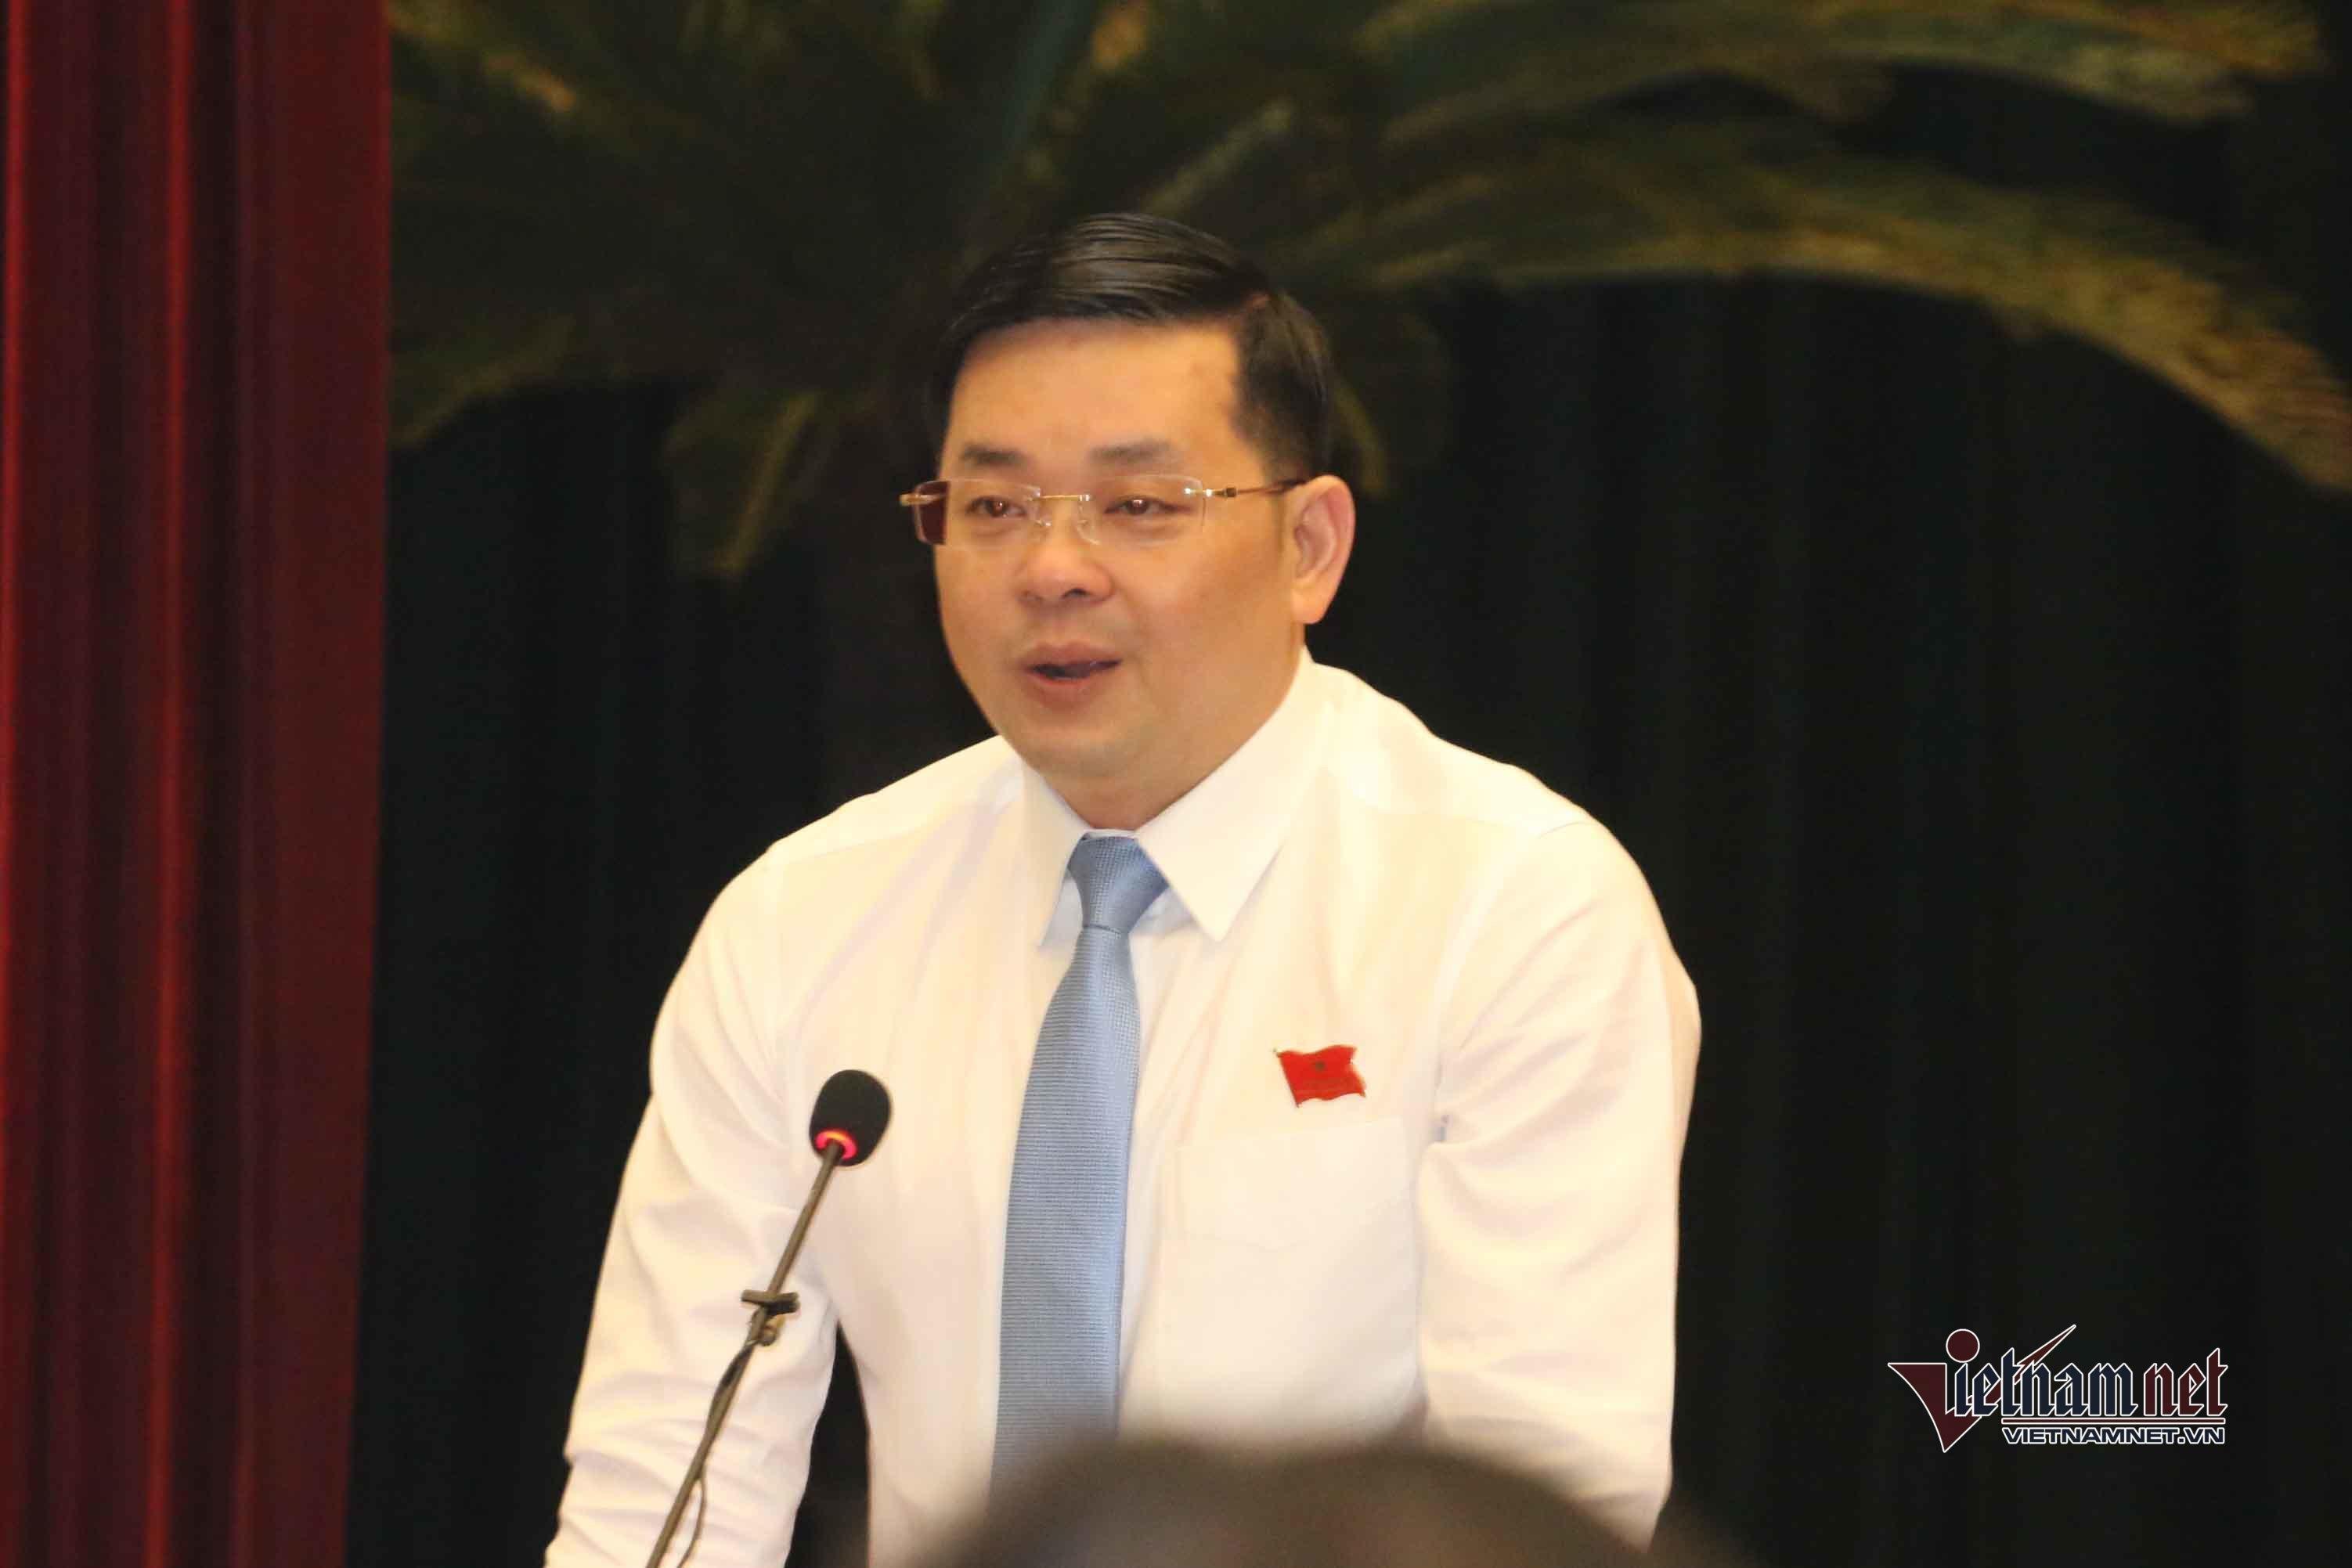 Giám đốc Sở nhận trách nhiệm, TP.HCM xử nghiêm vụ ra 'văn bản hỏa táng'